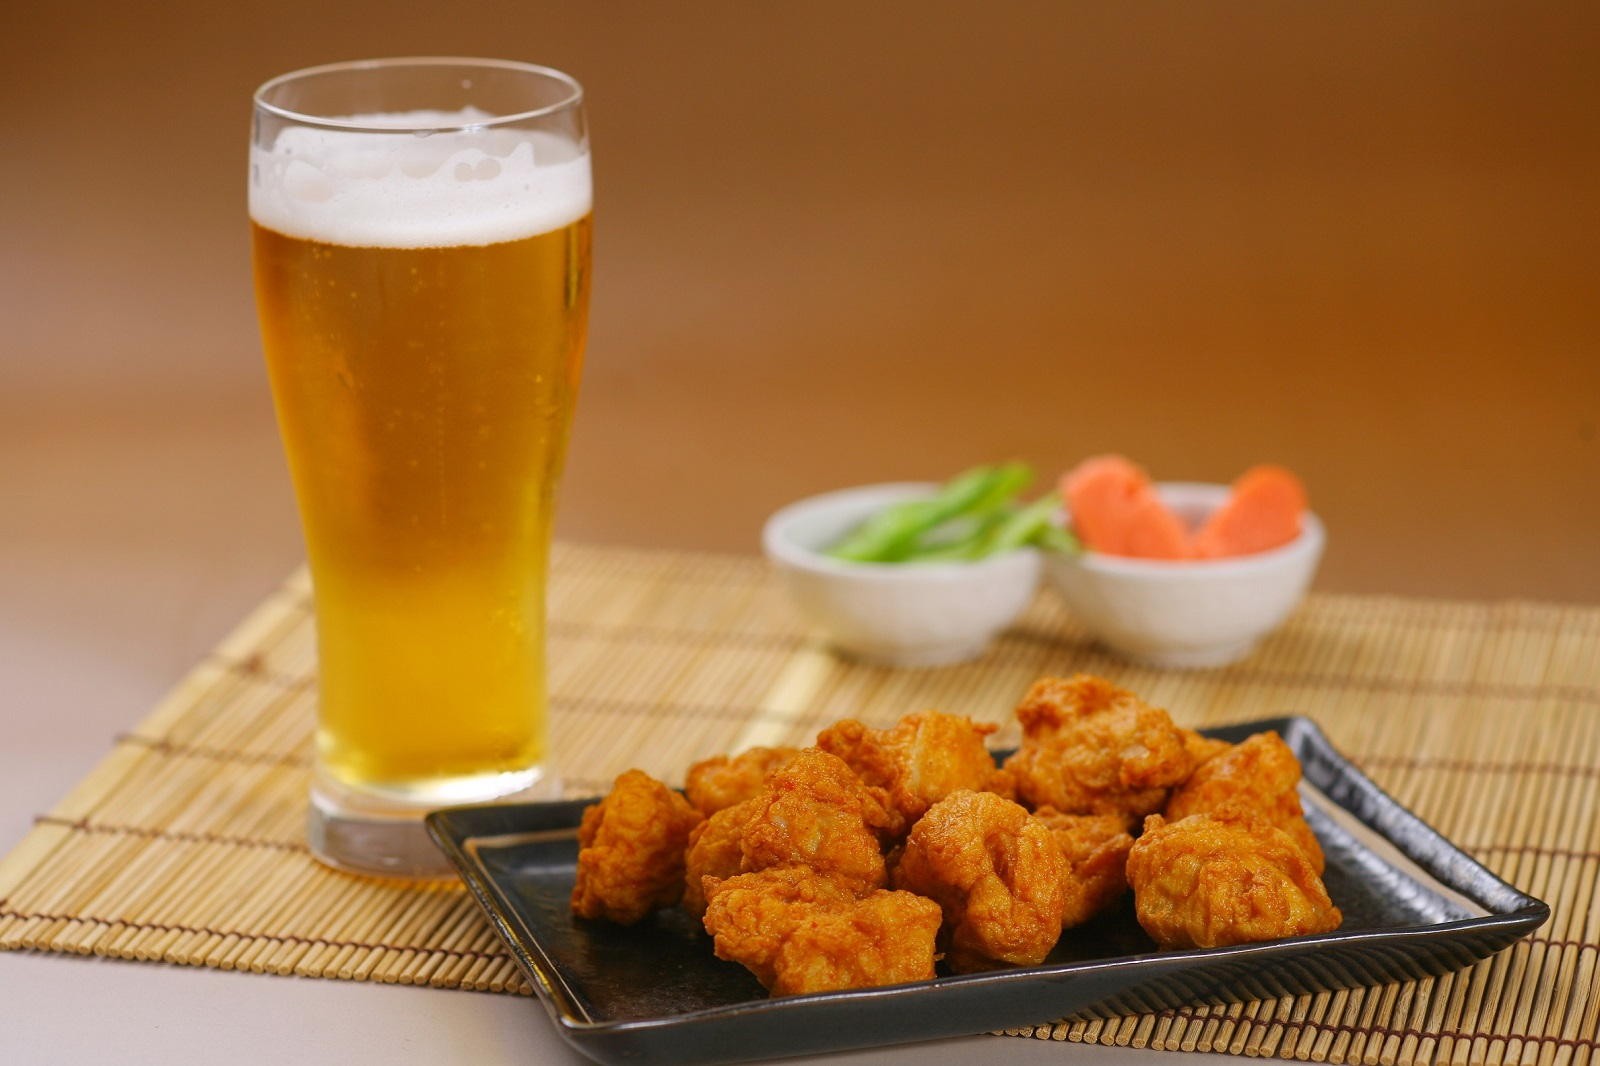 ビール合うのは枝豆だけじゃない!美味しいおつまみレシピ5選のサムネイル画像